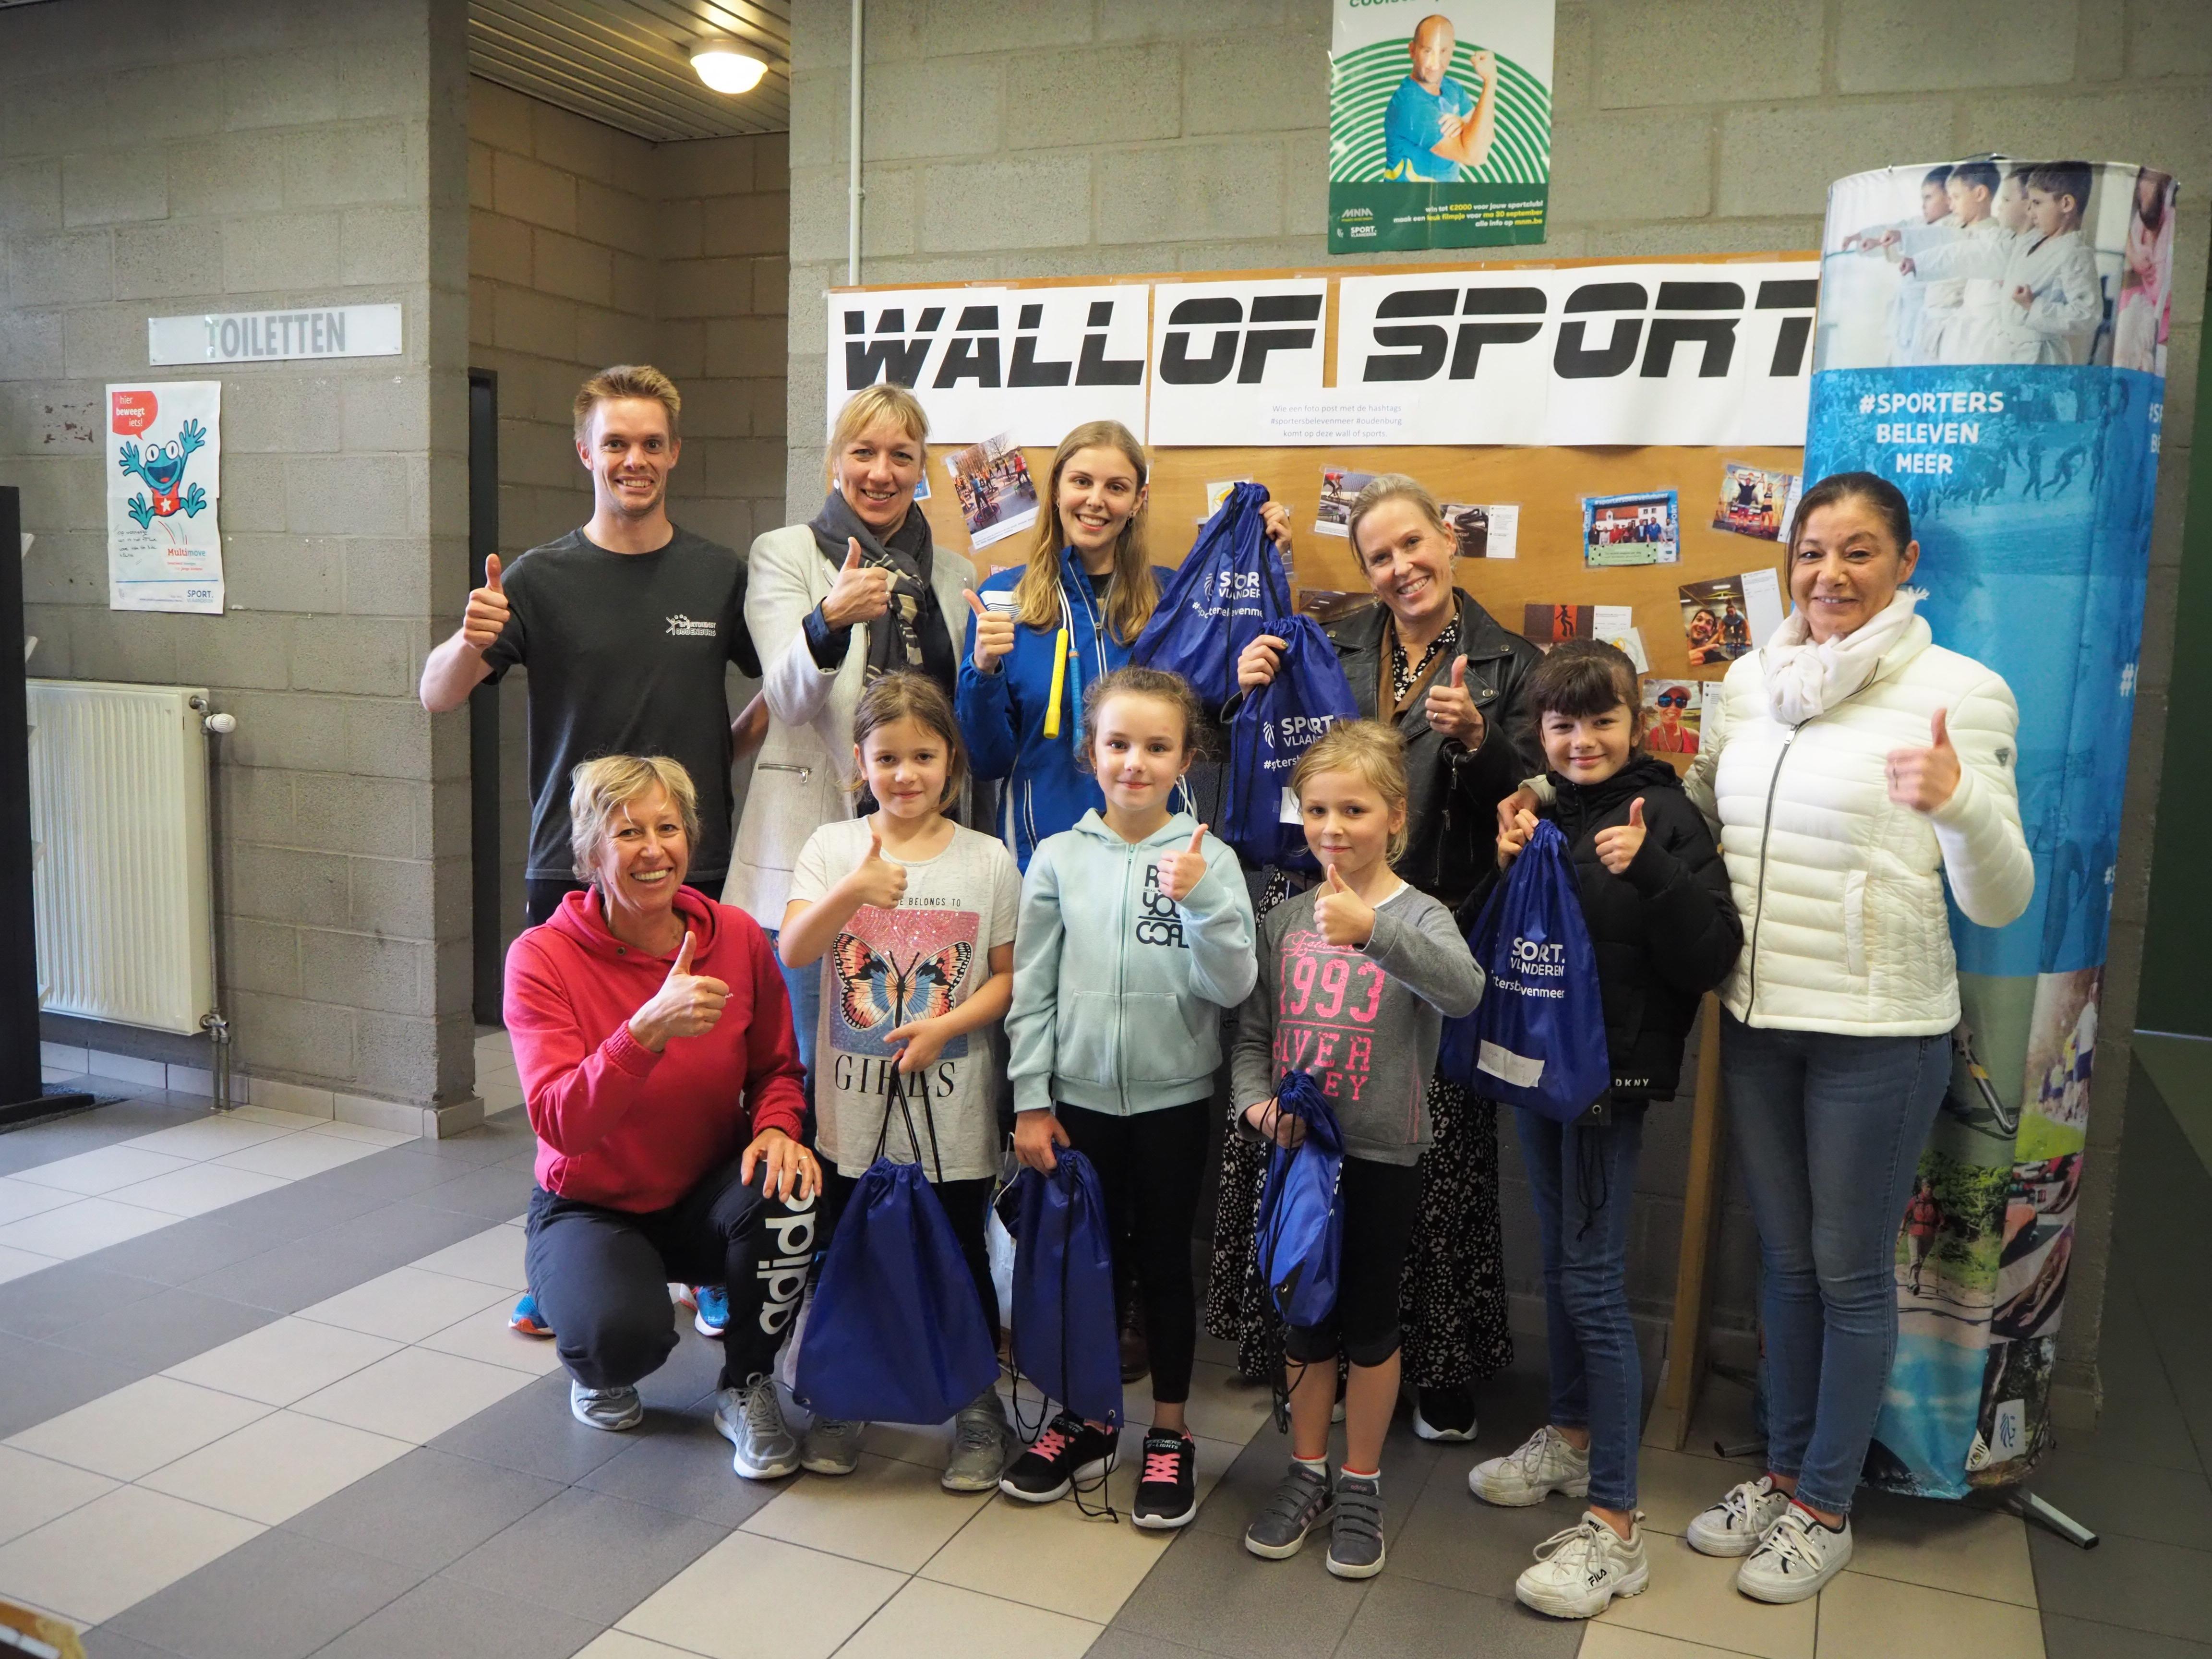 Winnaars fotoactie Sporters Beleven Meer (Oudenburg) - Het Nieuwsblad